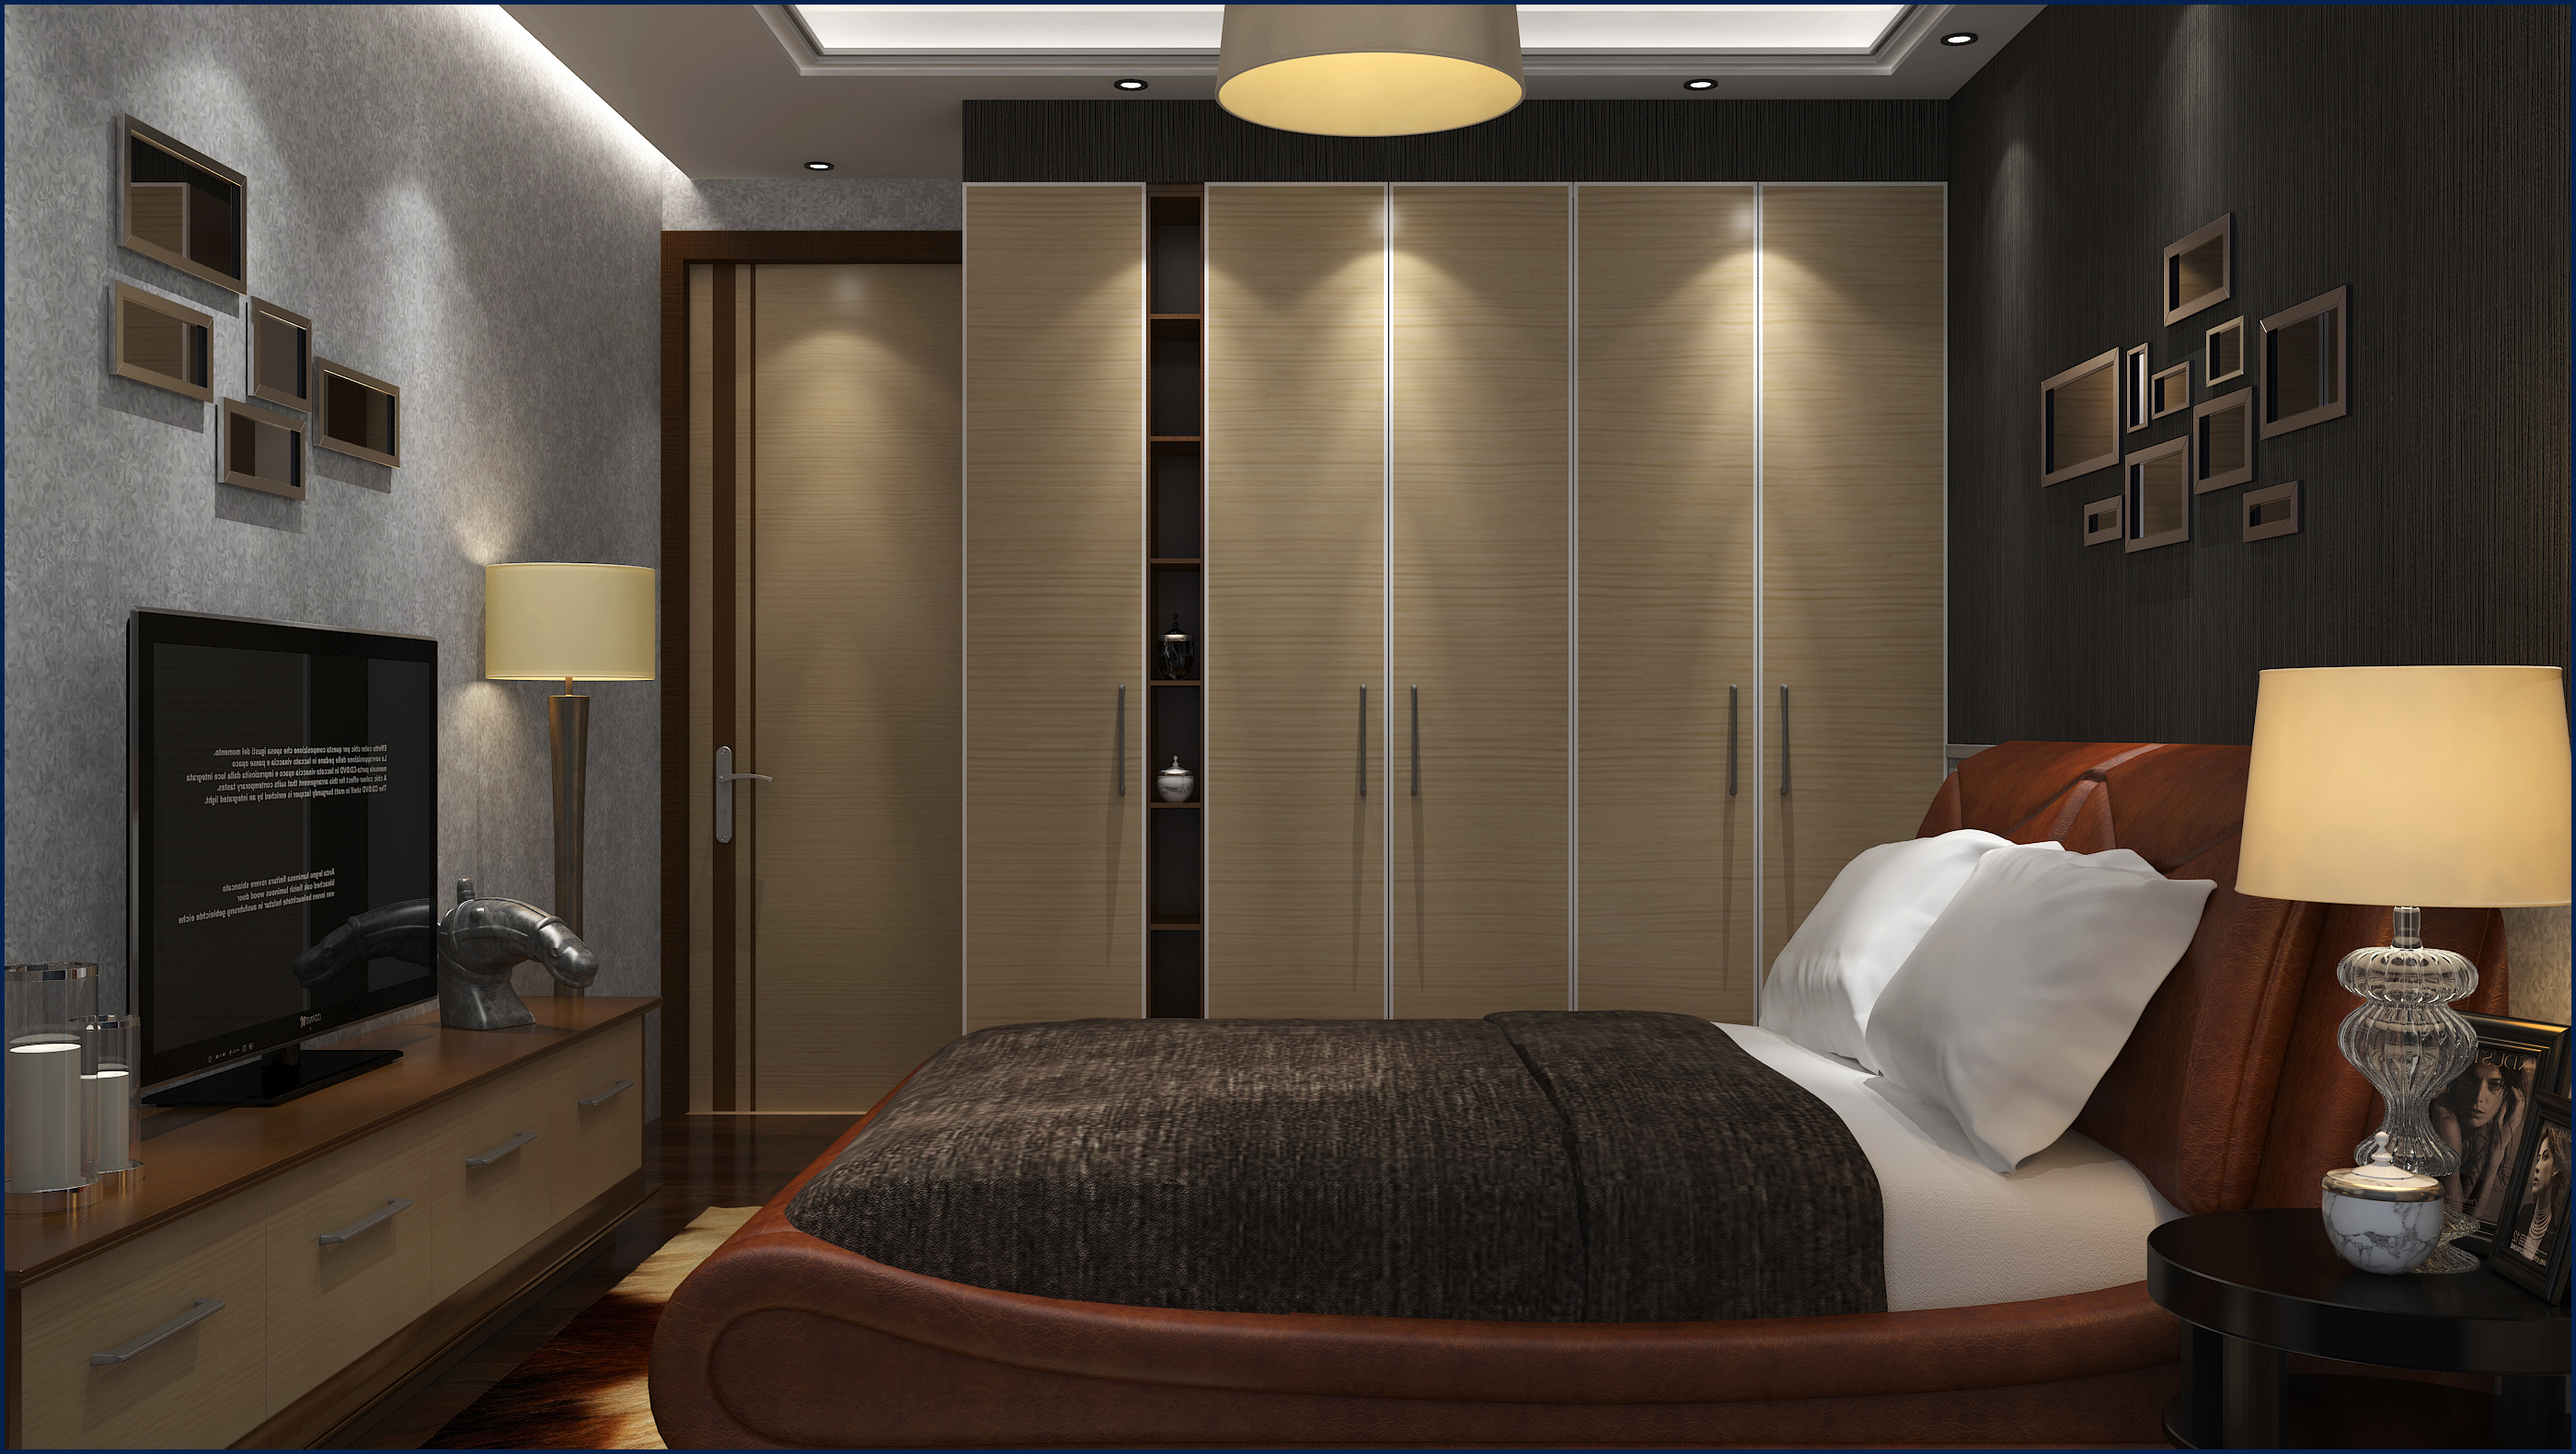 简约 欧式 三居 别墅 卧室 餐厅 艾依格衣柜 整体衣柜 定制衣柜图片来自aiegle在艾依格衣柜——加勒比系列的分享